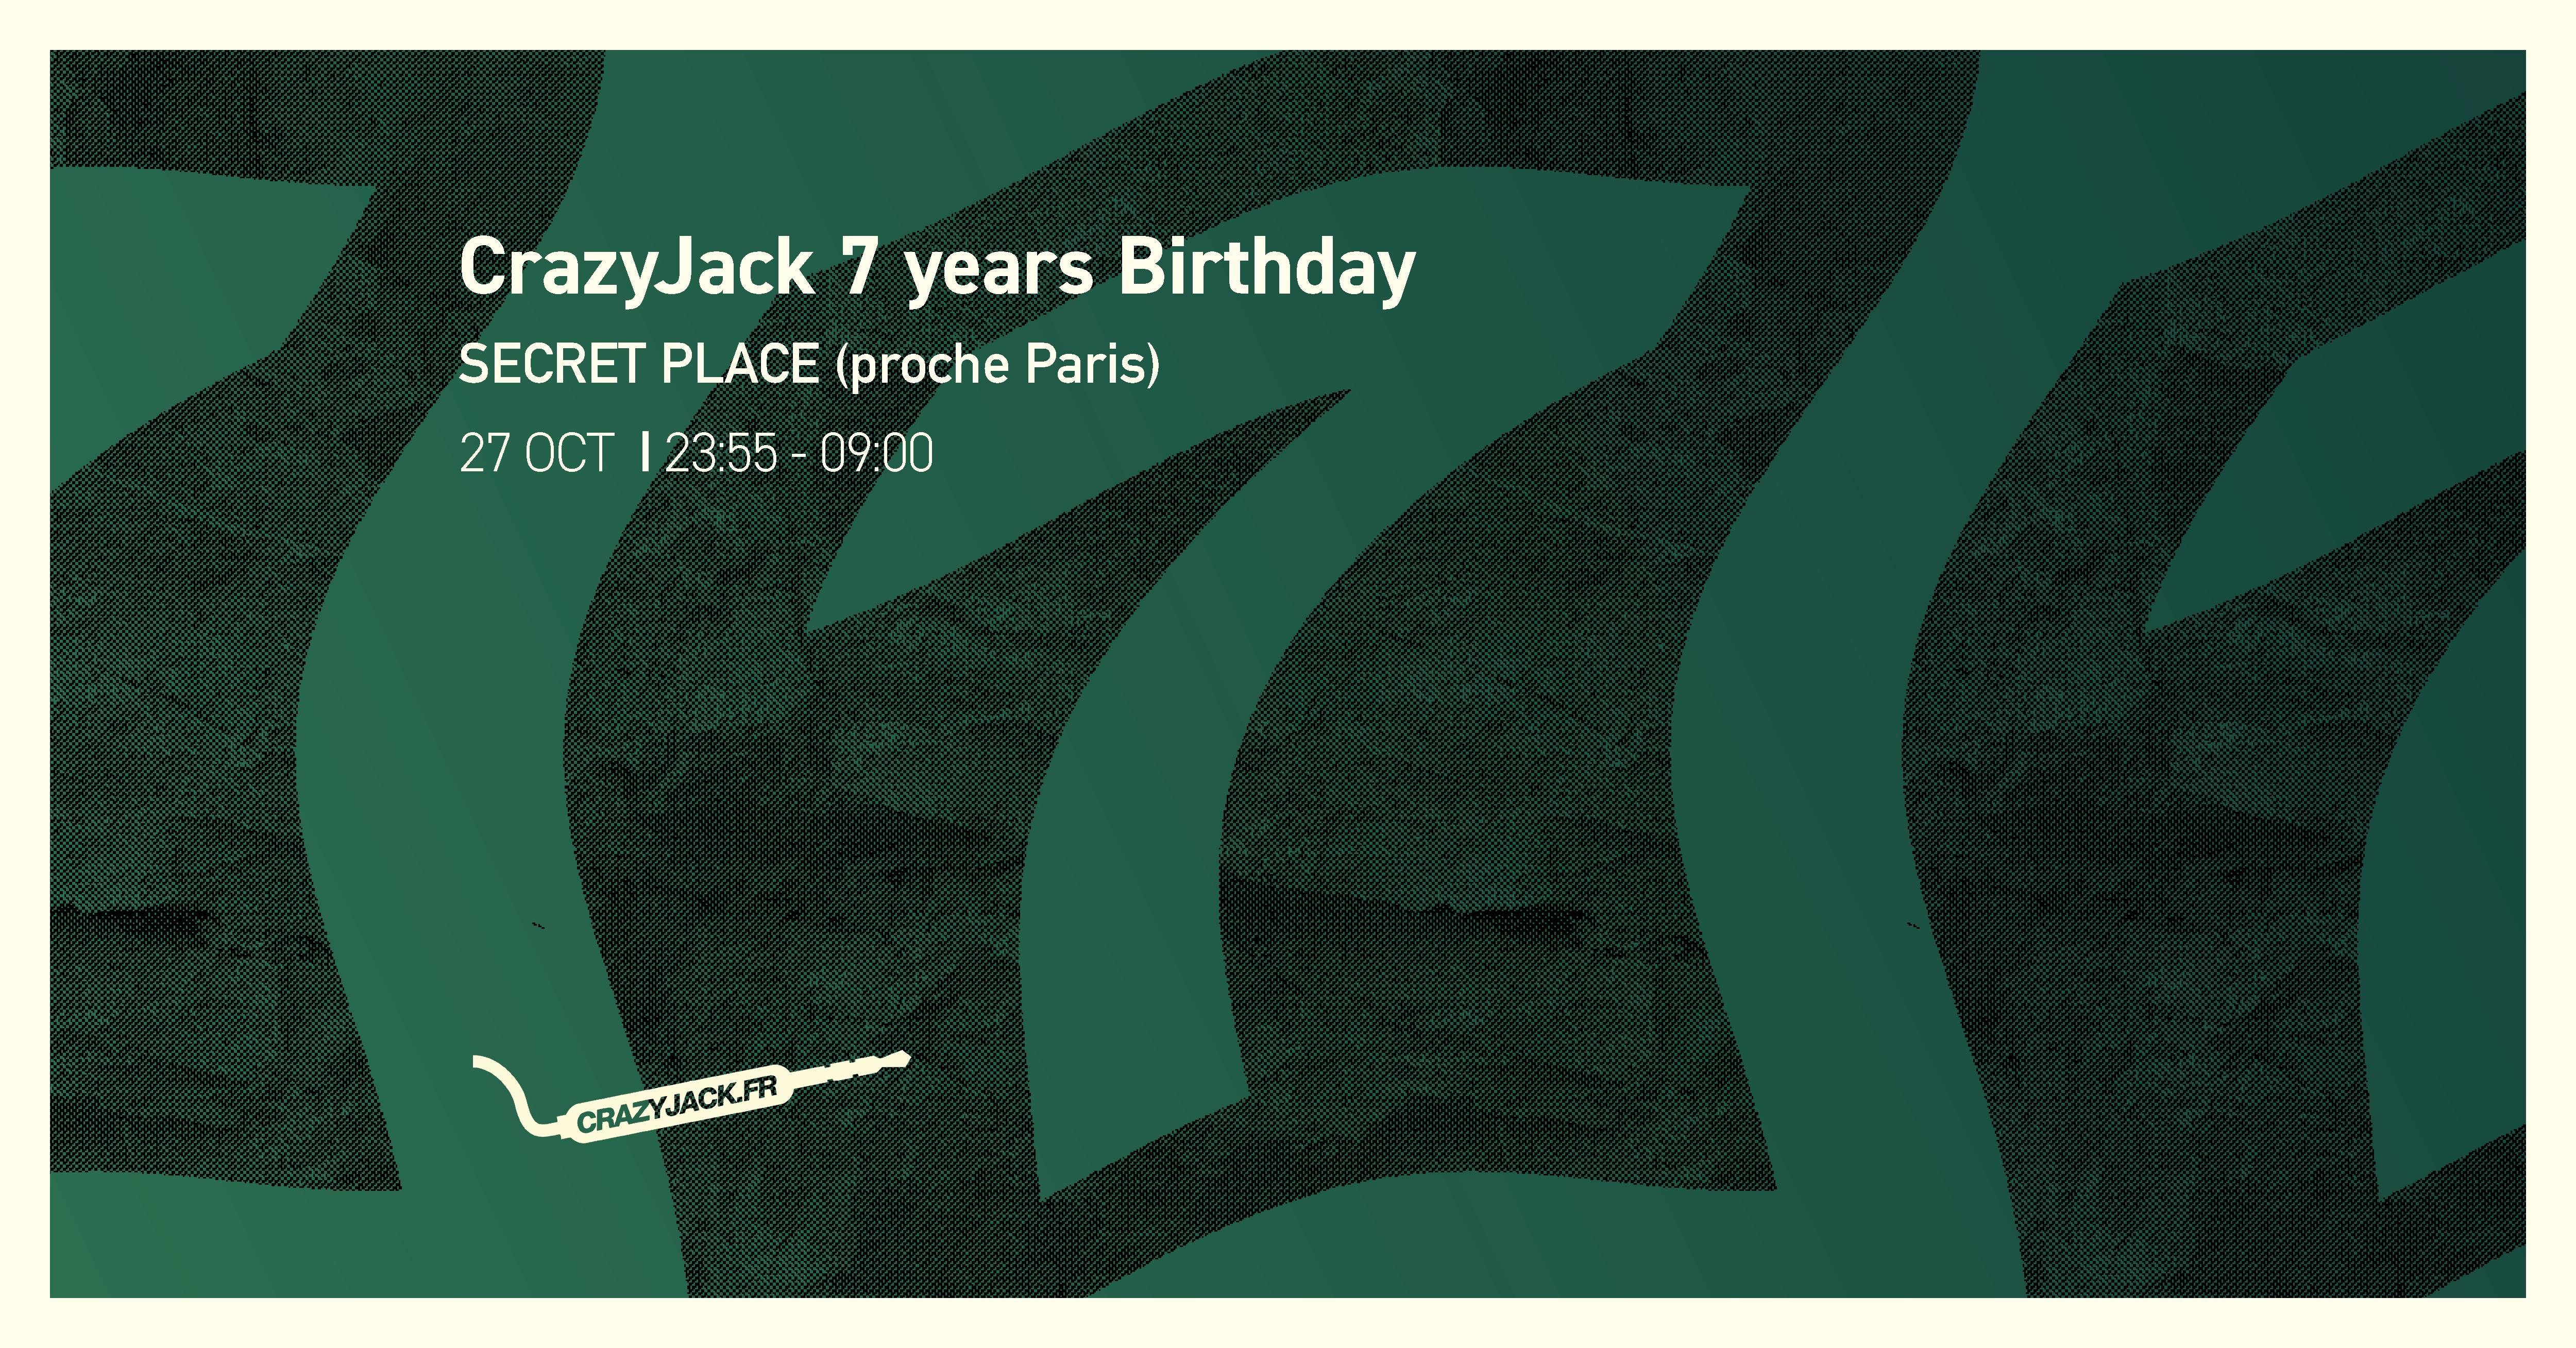 CrazyJack 7 years Birthday